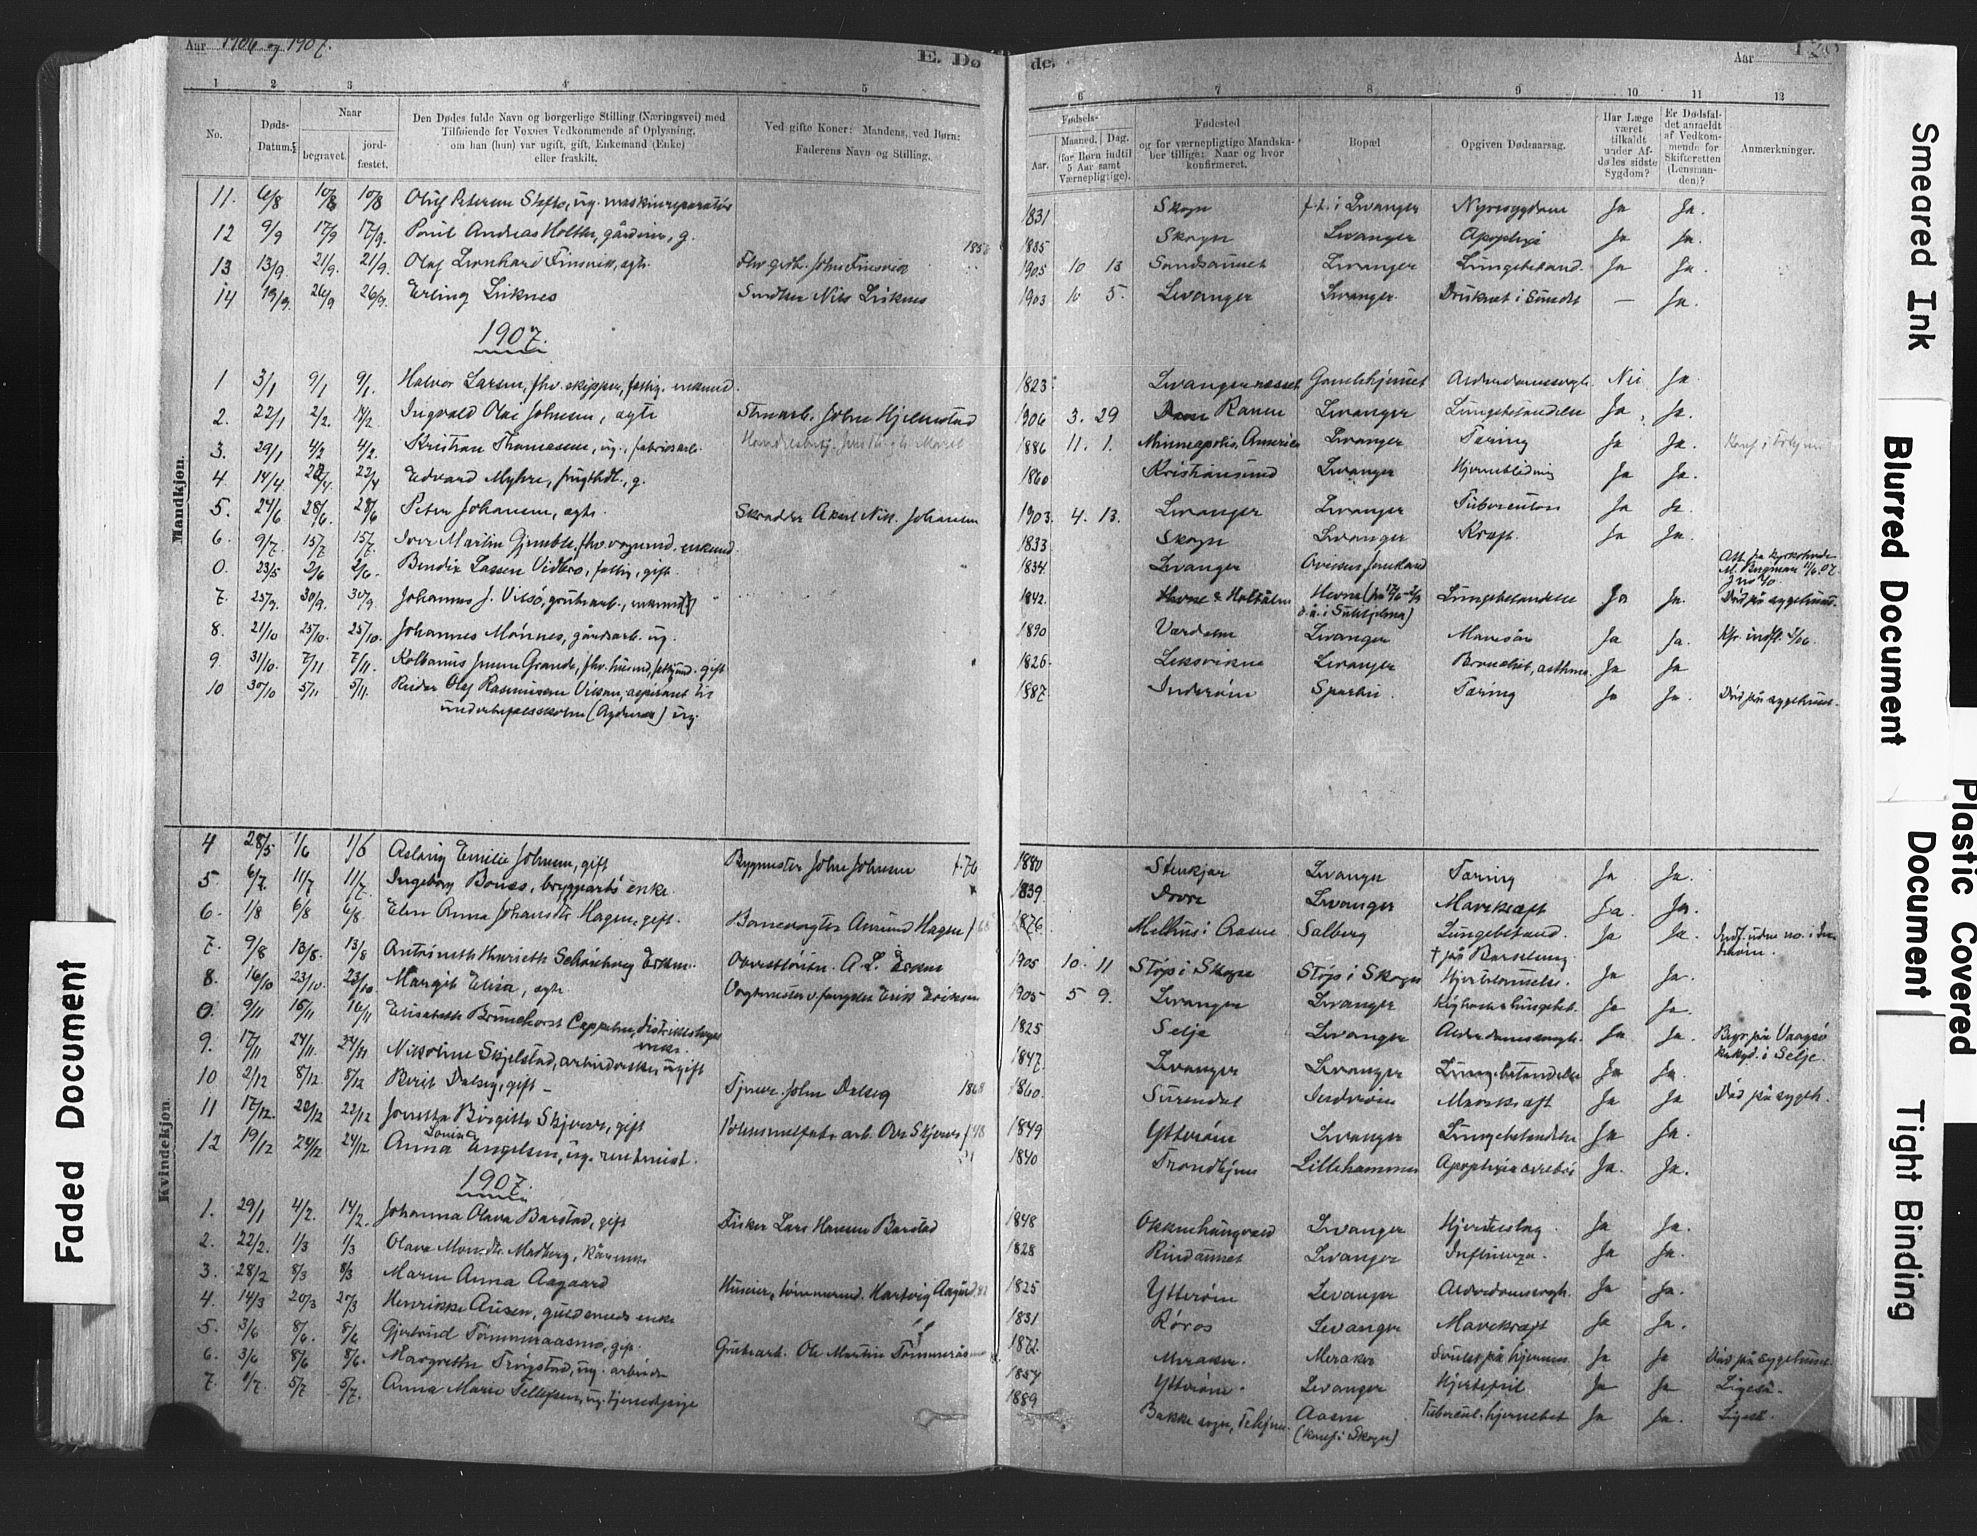 SAT, Ministerialprotokoller, klokkerbøker og fødselsregistre - Nord-Trøndelag, 720/L0189: Ministerialbok nr. 720A05, 1880-1911, s. 128